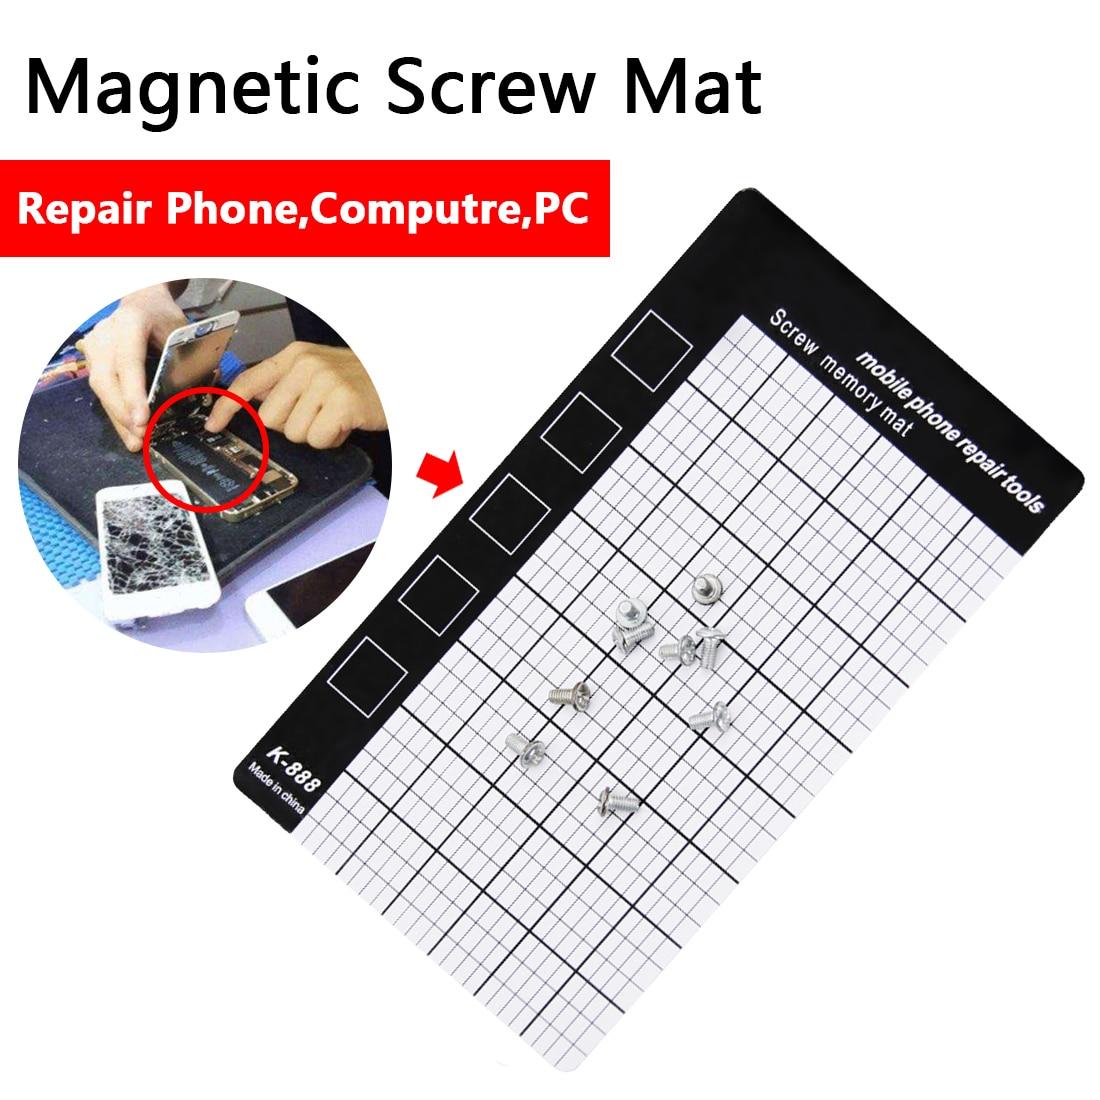 Magnetic Working Pad 145 x 90mm Hand Tools Magnetic Screw Mat Memory Chart Work Pad Mobile Phone Repair ToolsMagnetic Working Pad 145 x 90mm Hand Tools Magnetic Screw Mat Memory Chart Work Pad Mobile Phone Repair Tools